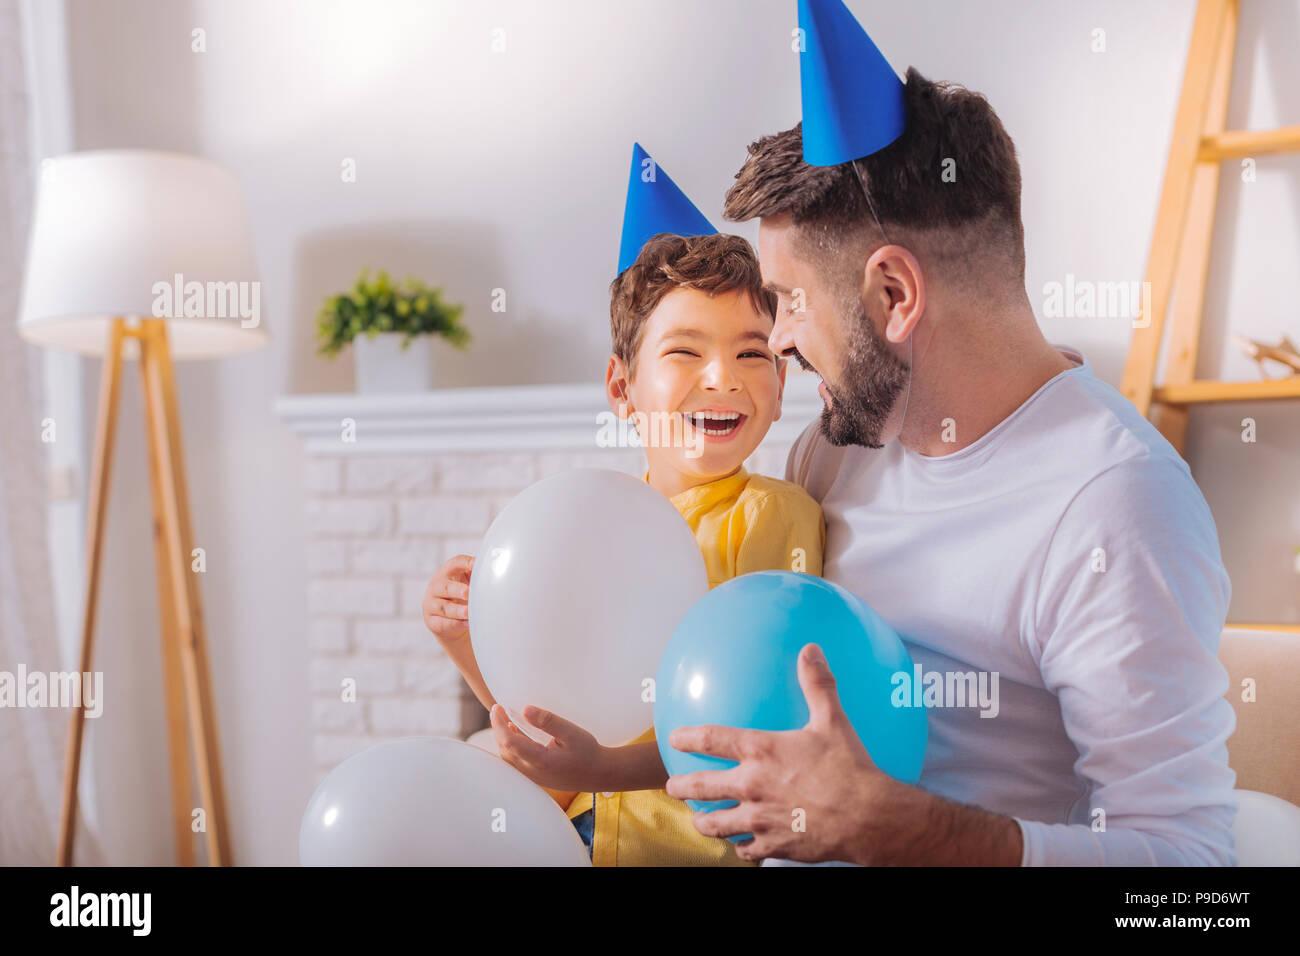 Heureux anniversaire enfant Photo Stock